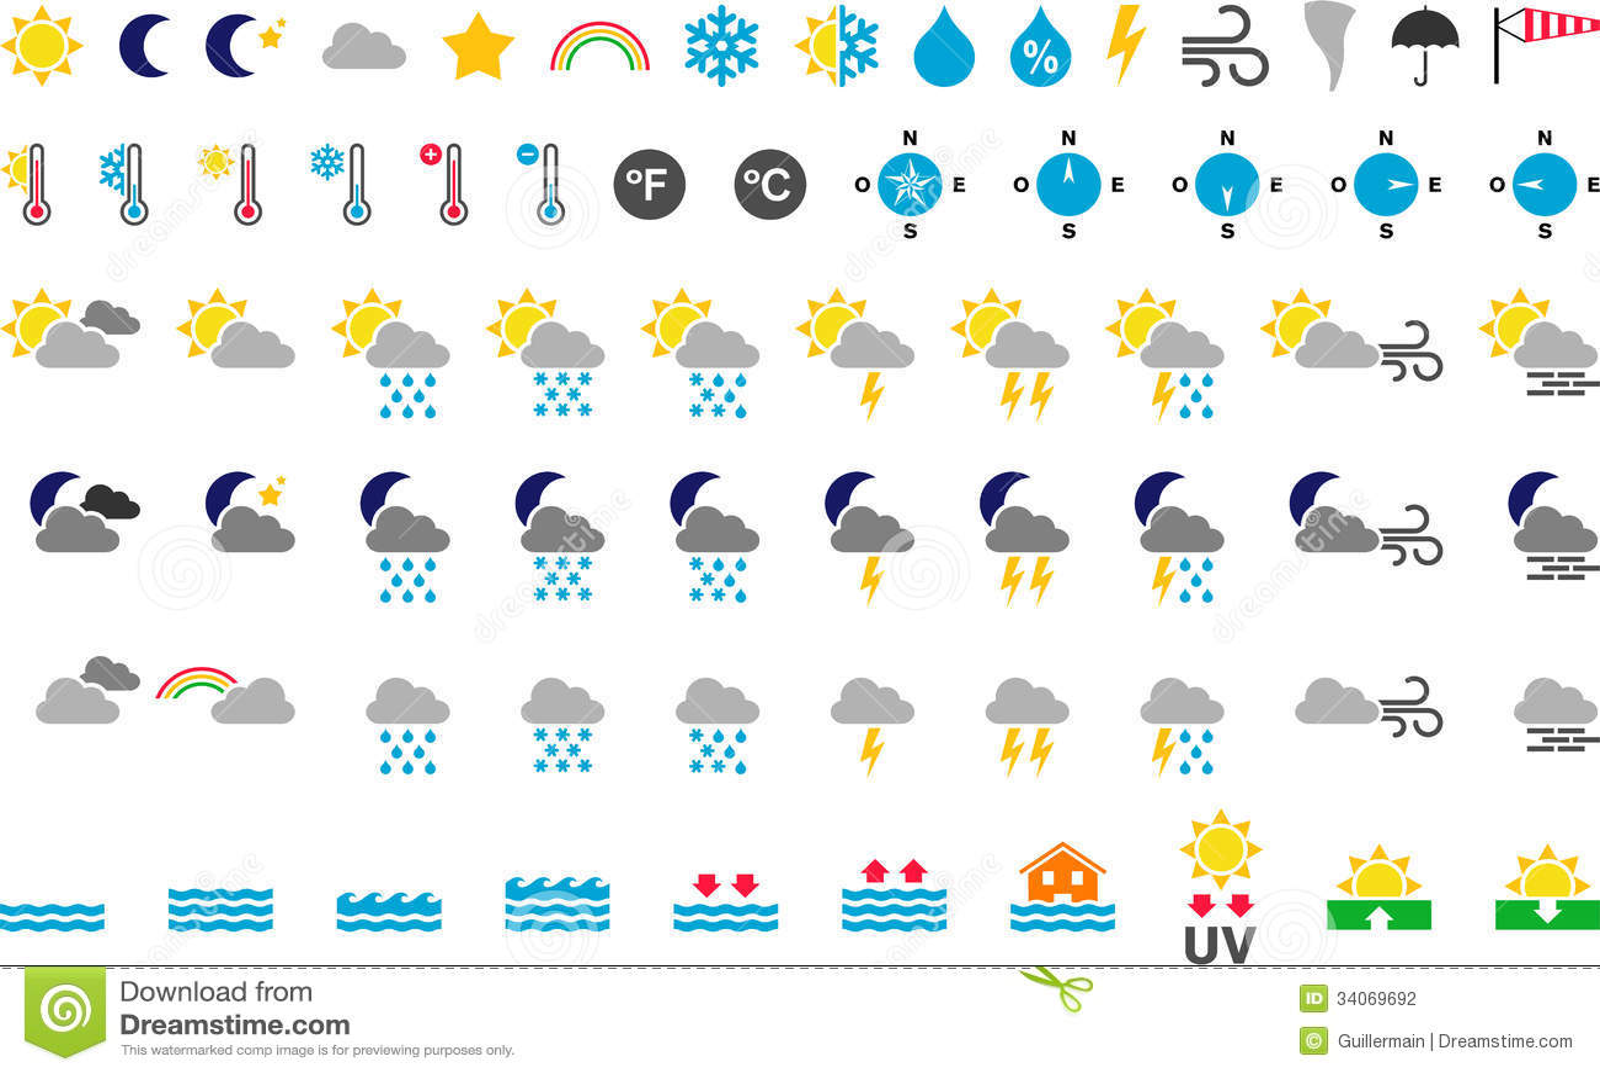 Weather Symbols Stock Photography - Image: 34069692